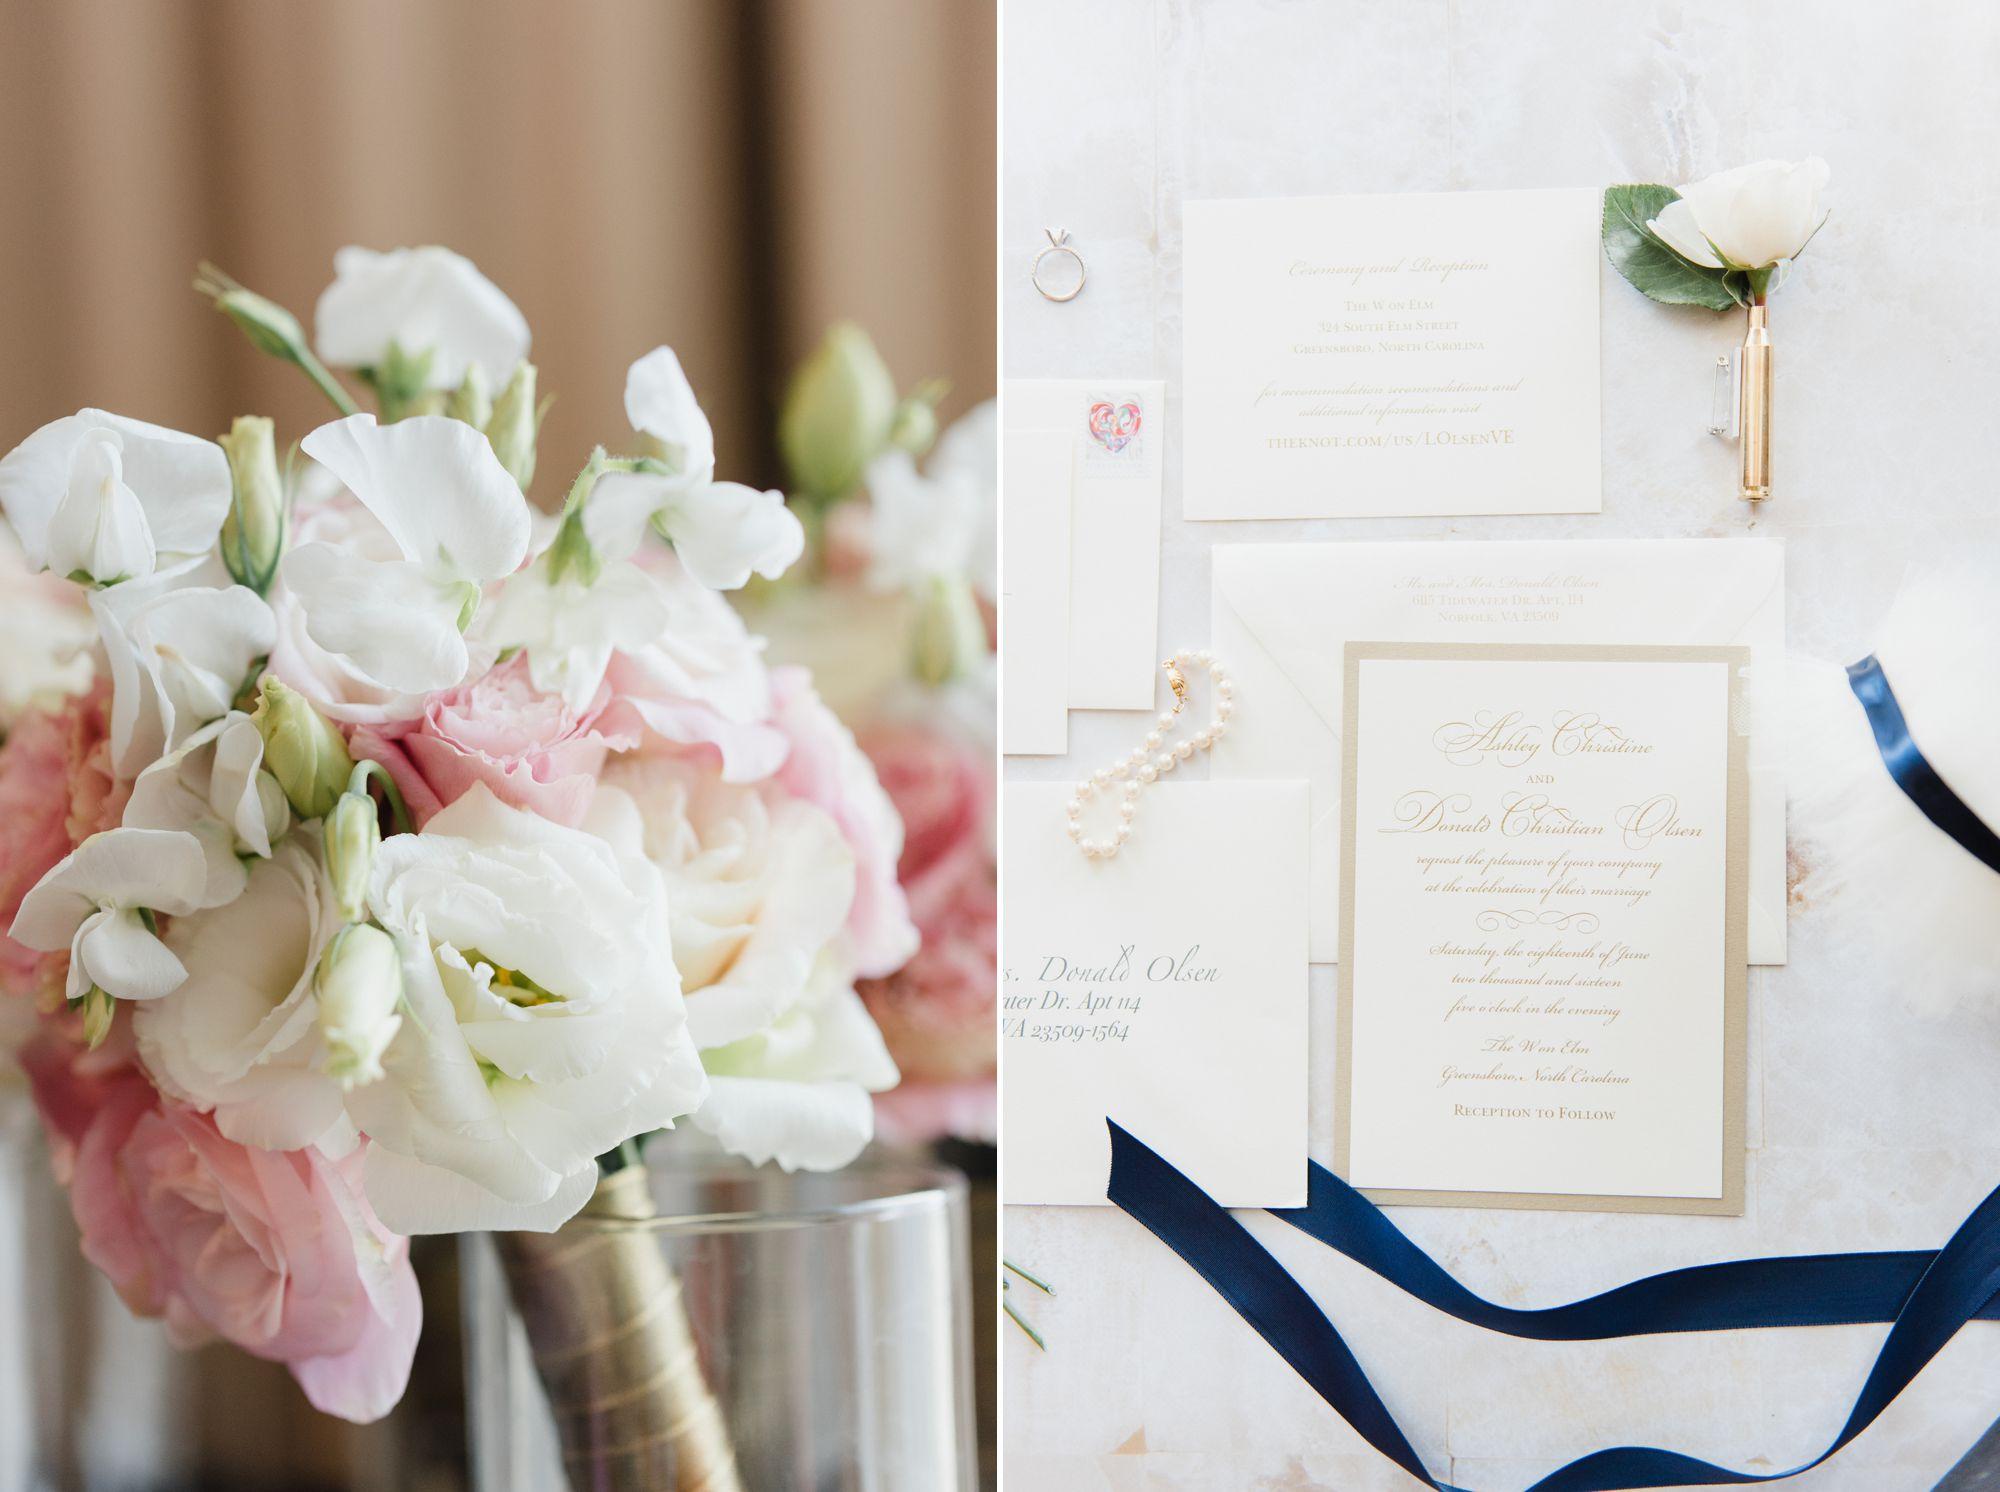 proximity-hotel-greensboro-wedding-pictures 6